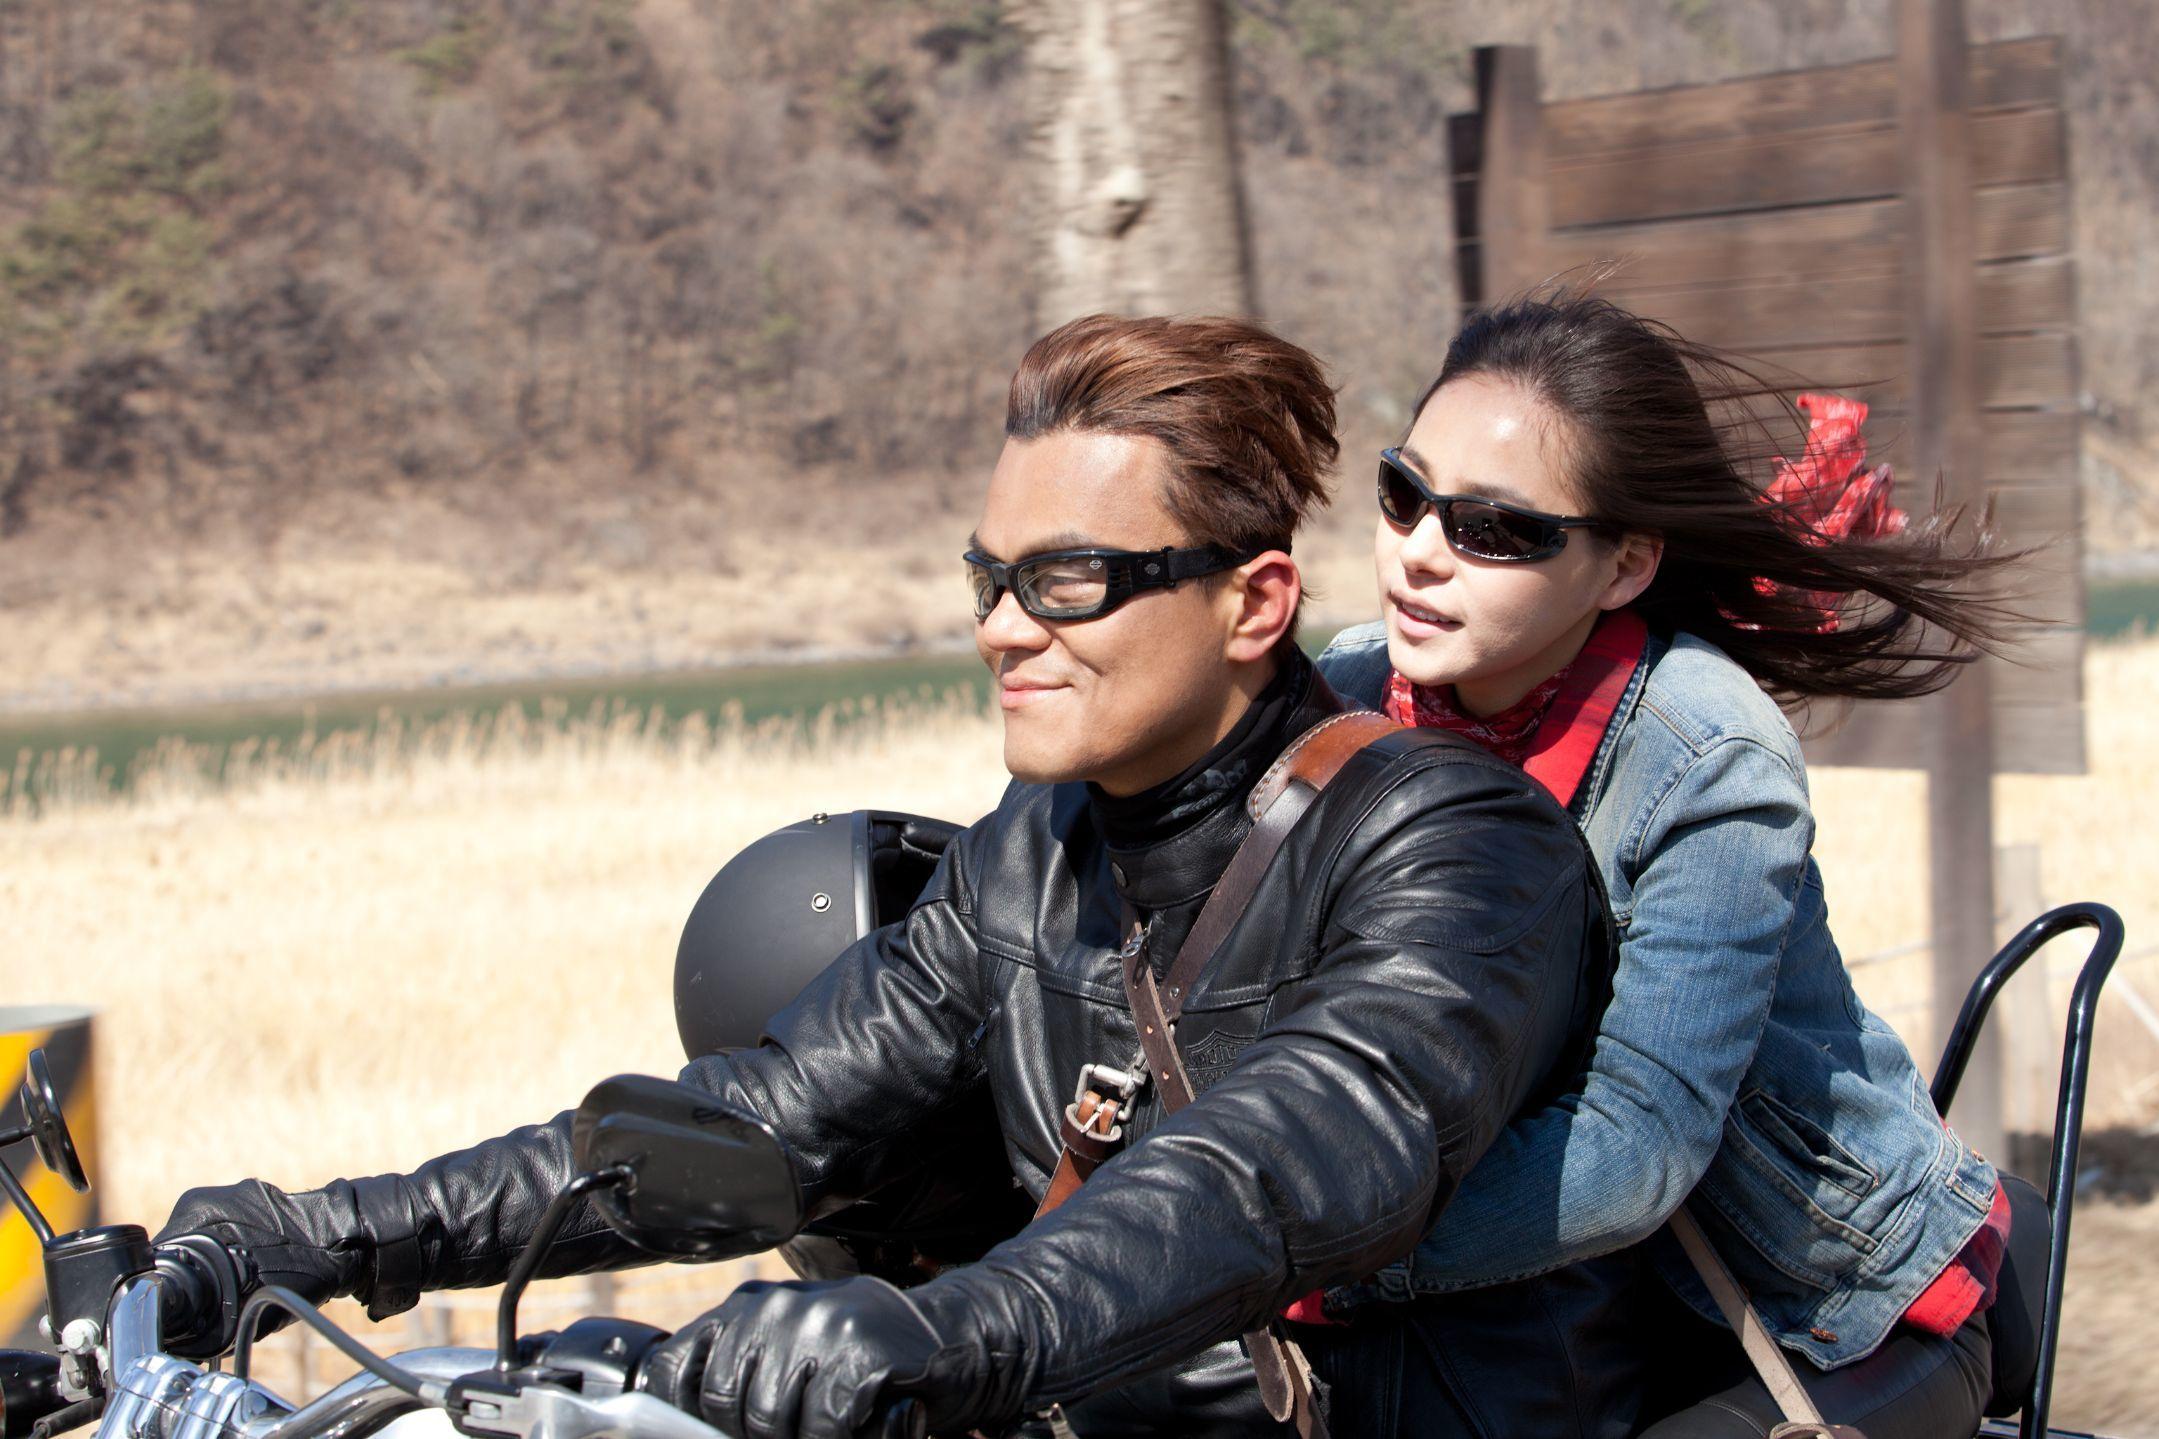 『ミリオネアオンザラン』 (C)2012 CJ E&M CORPORATION, ALL RIGHTS RESERVED